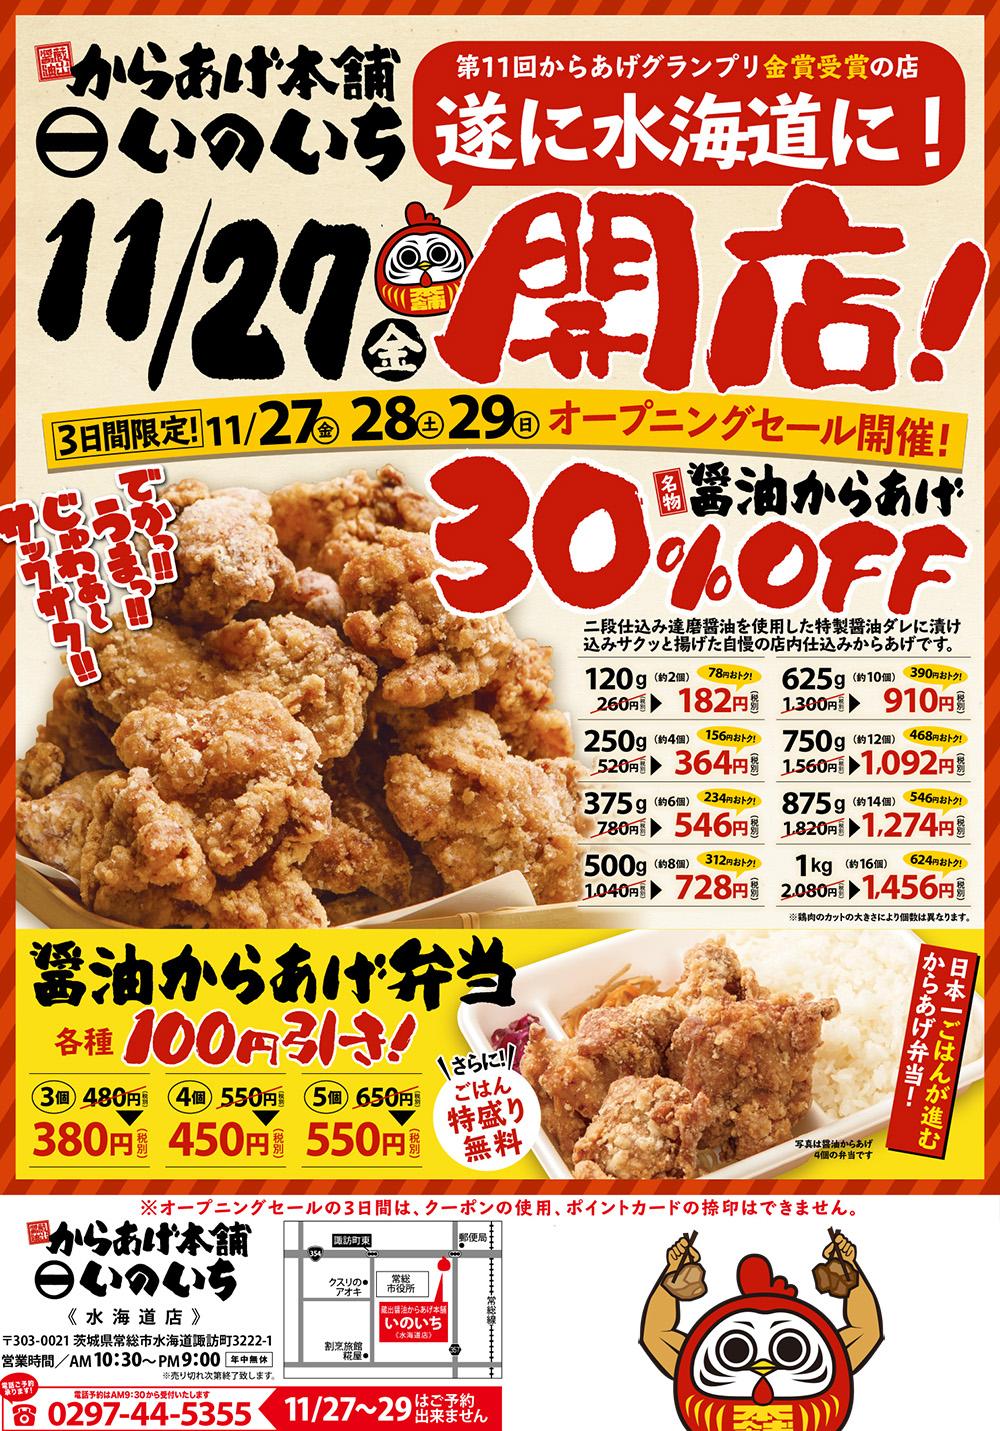 元祖からあげ本舗いのいち 水海道店オープン!